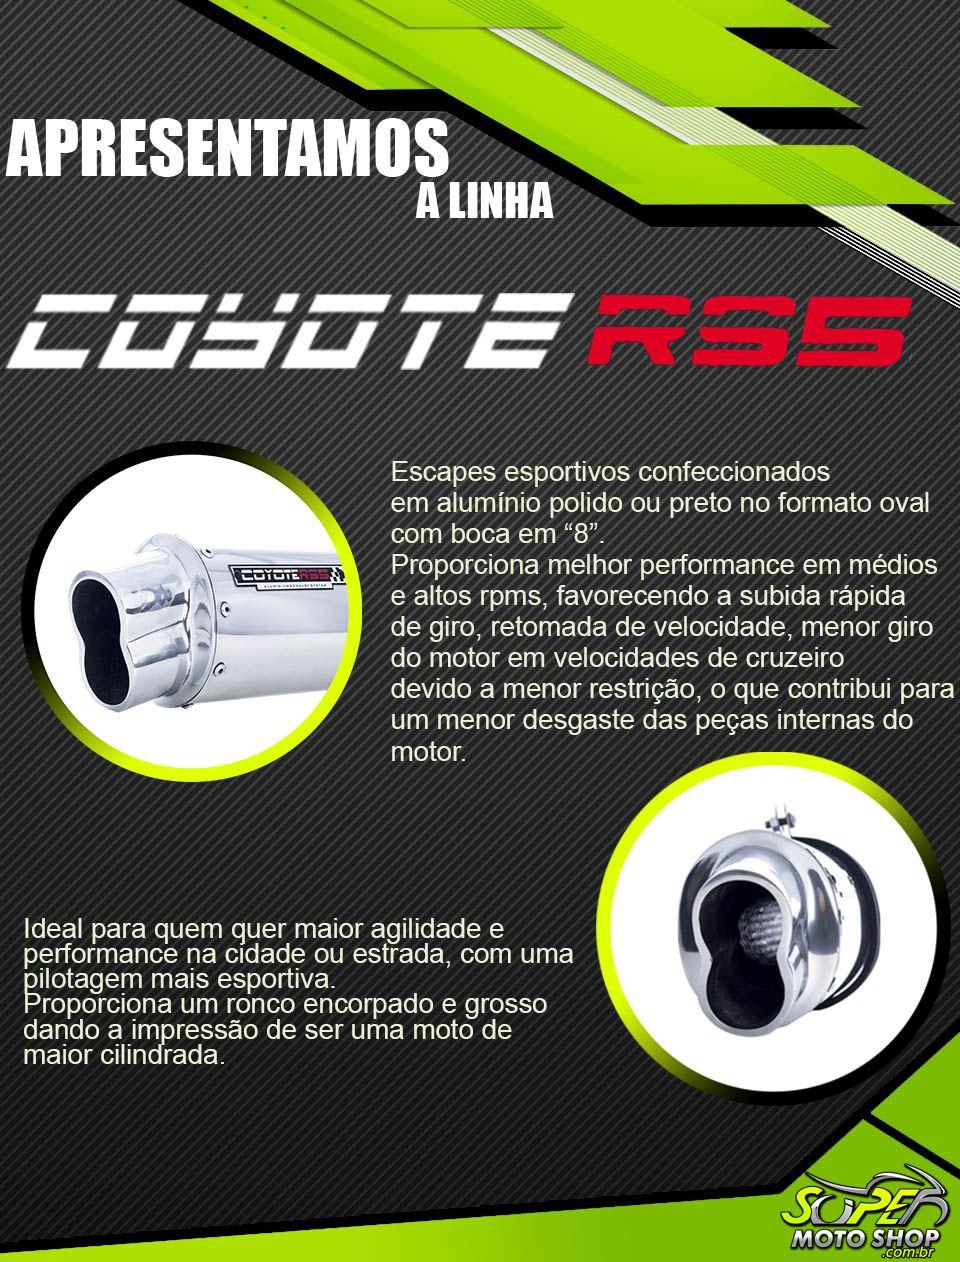 Escape / Ponteira Coyote RS5 Boca 8 Alumínio Oval - Fazer 250 / 150 Todos os anos - Yamaha - Dourado